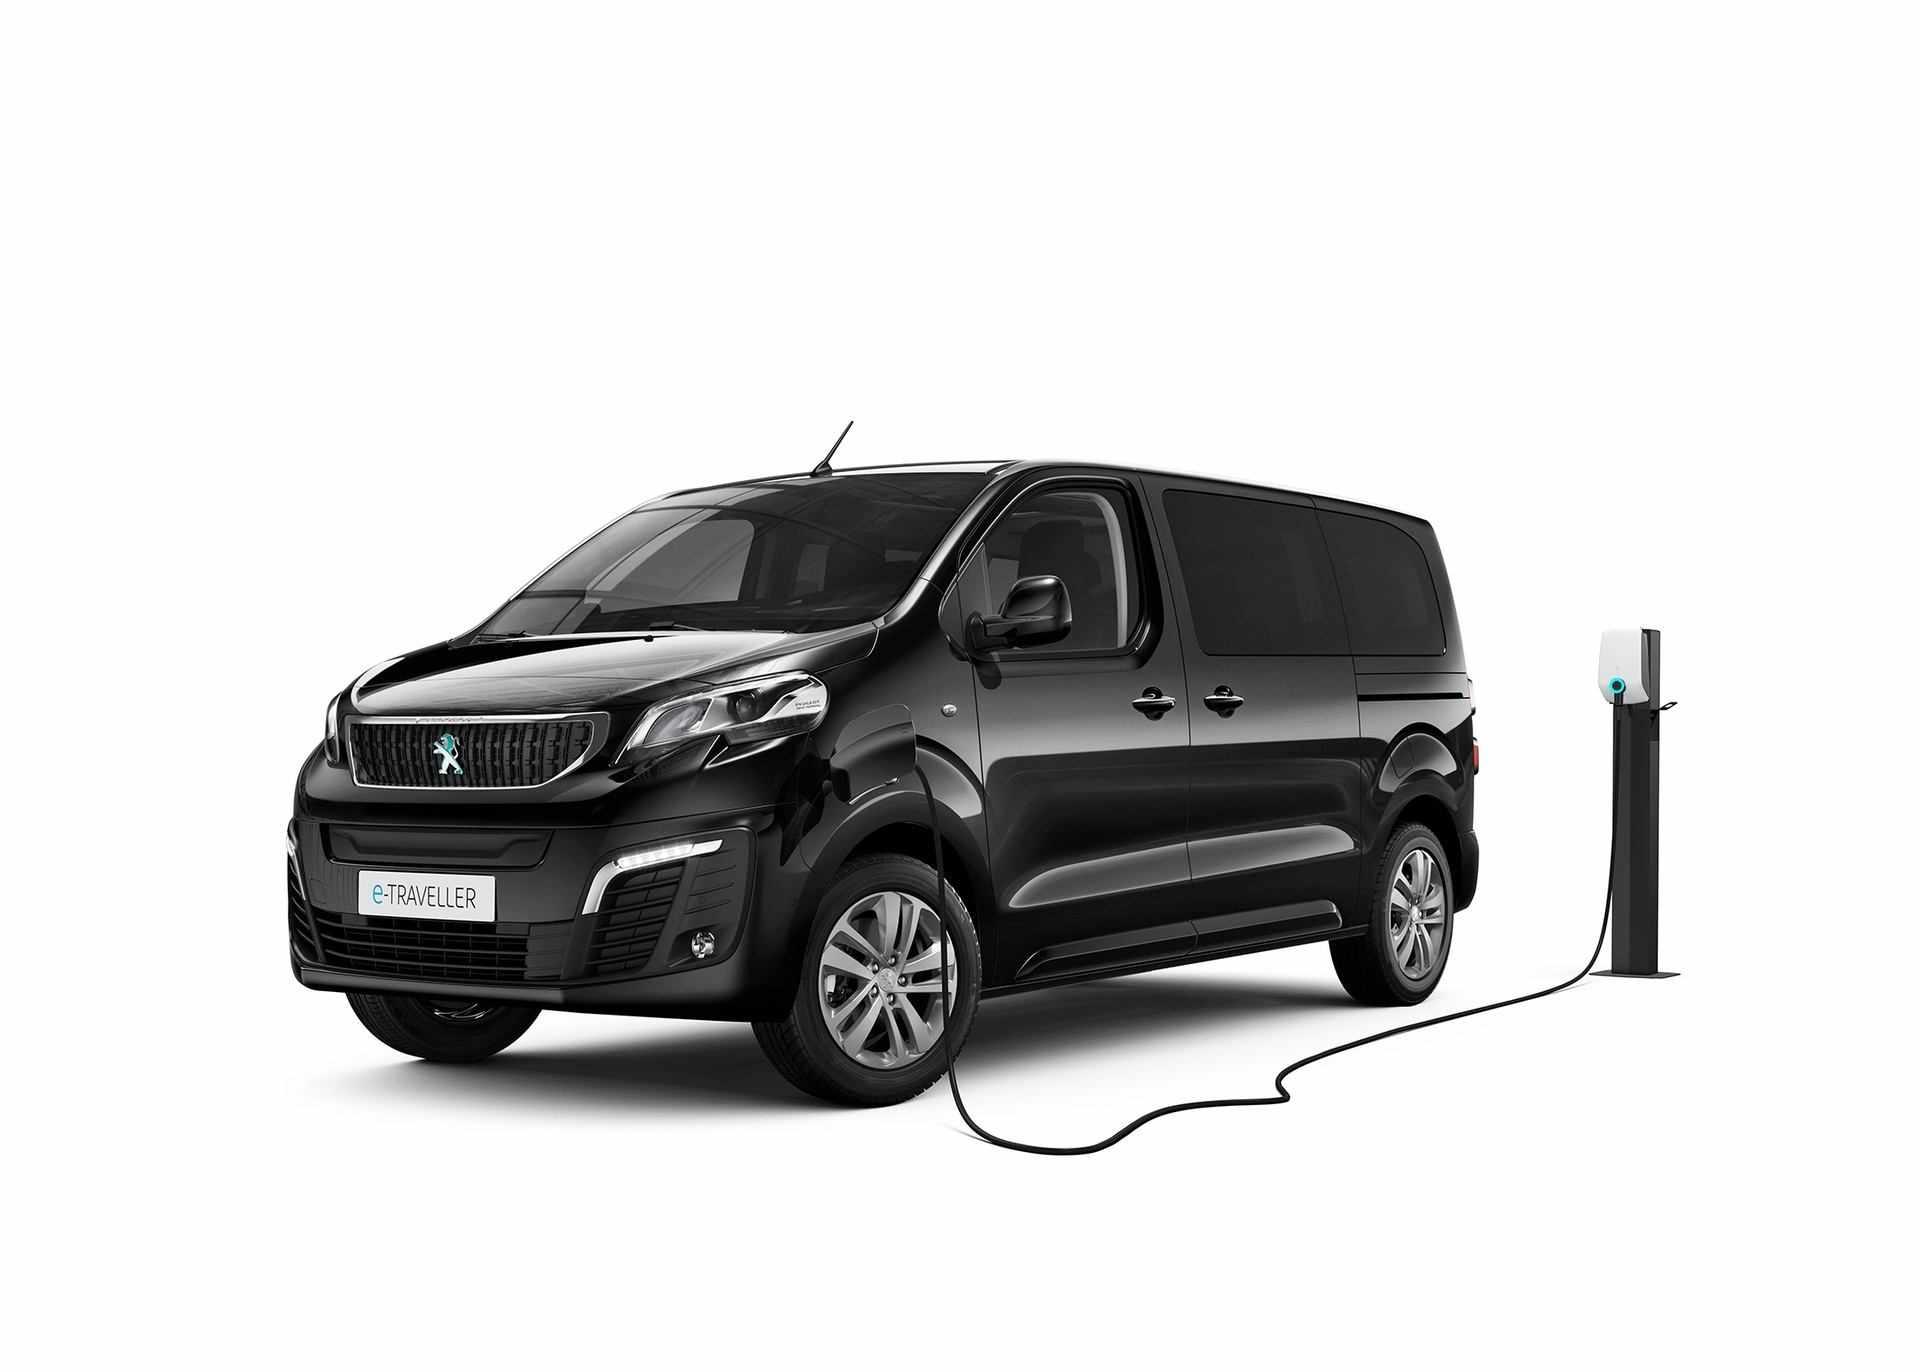 Peugeot_e-Traveller_0002